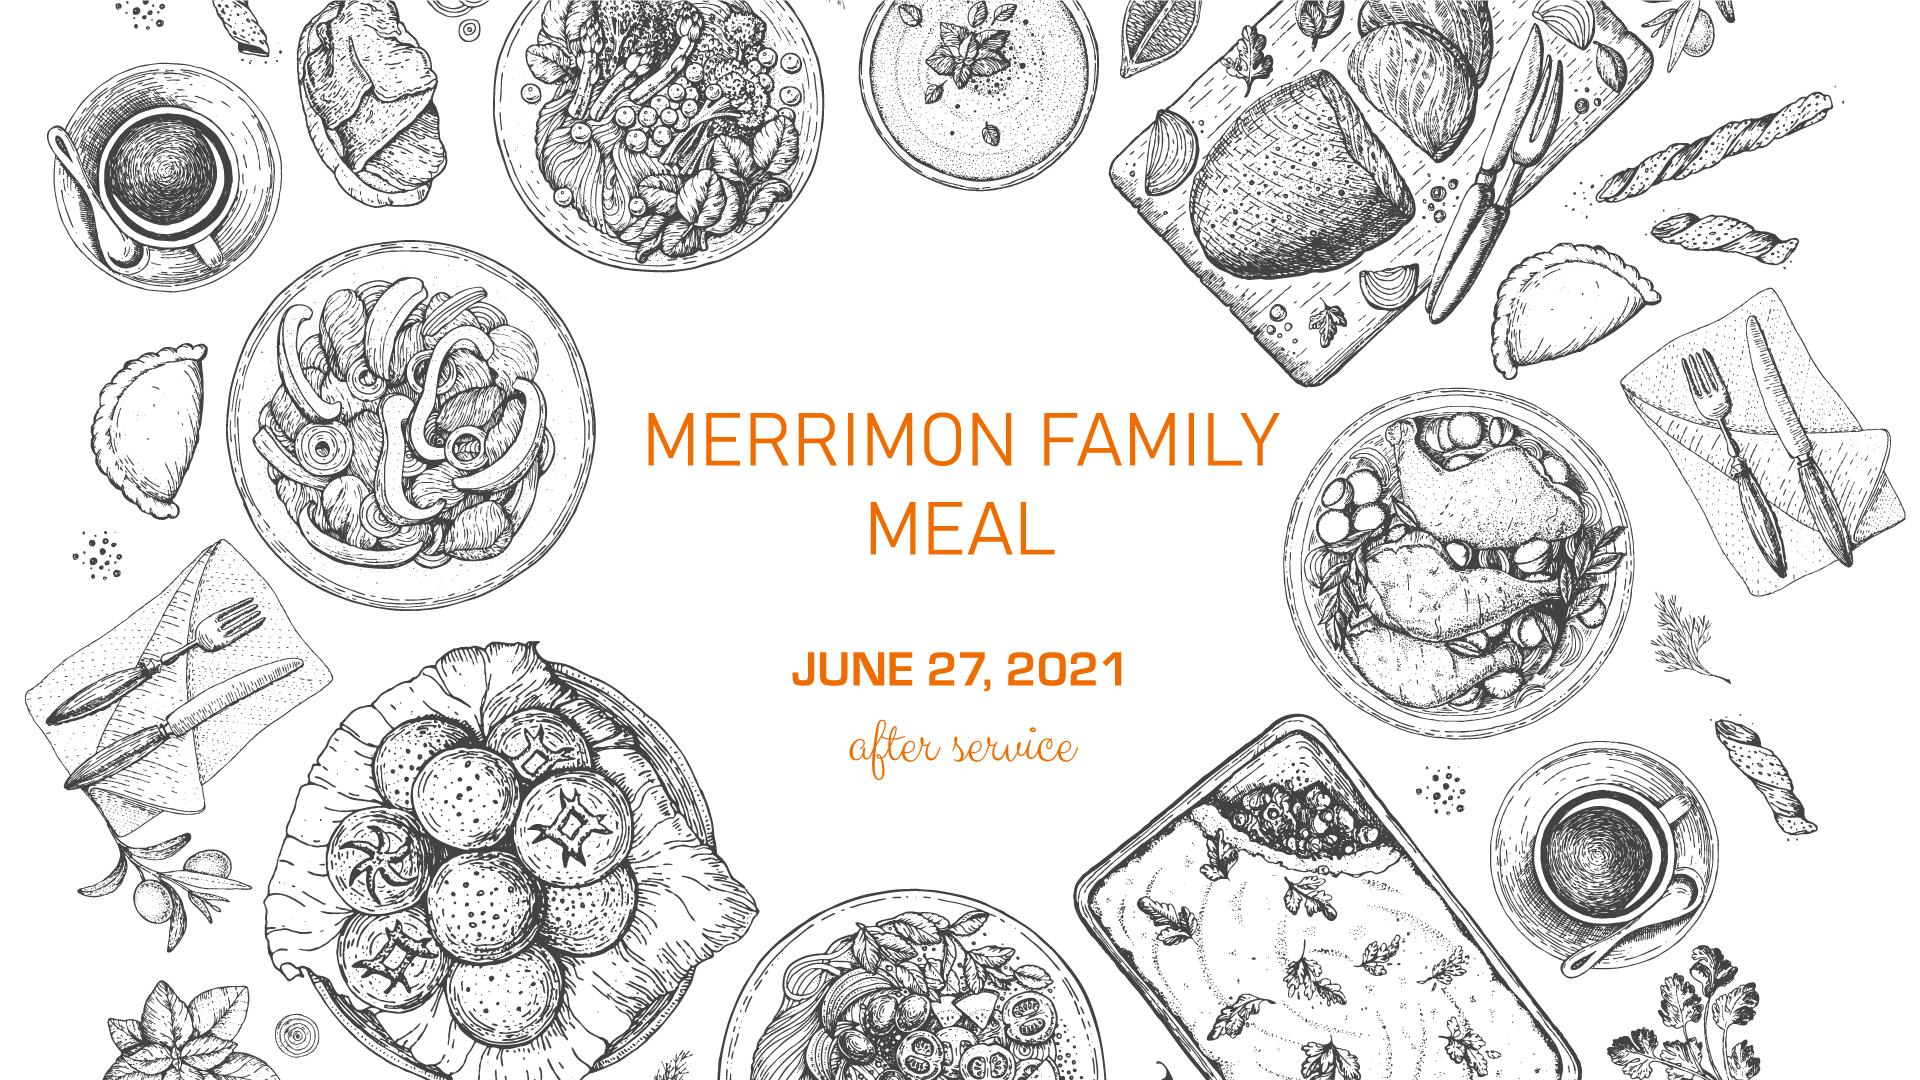 Merrimon-Family-Meal-June-2021.jpg